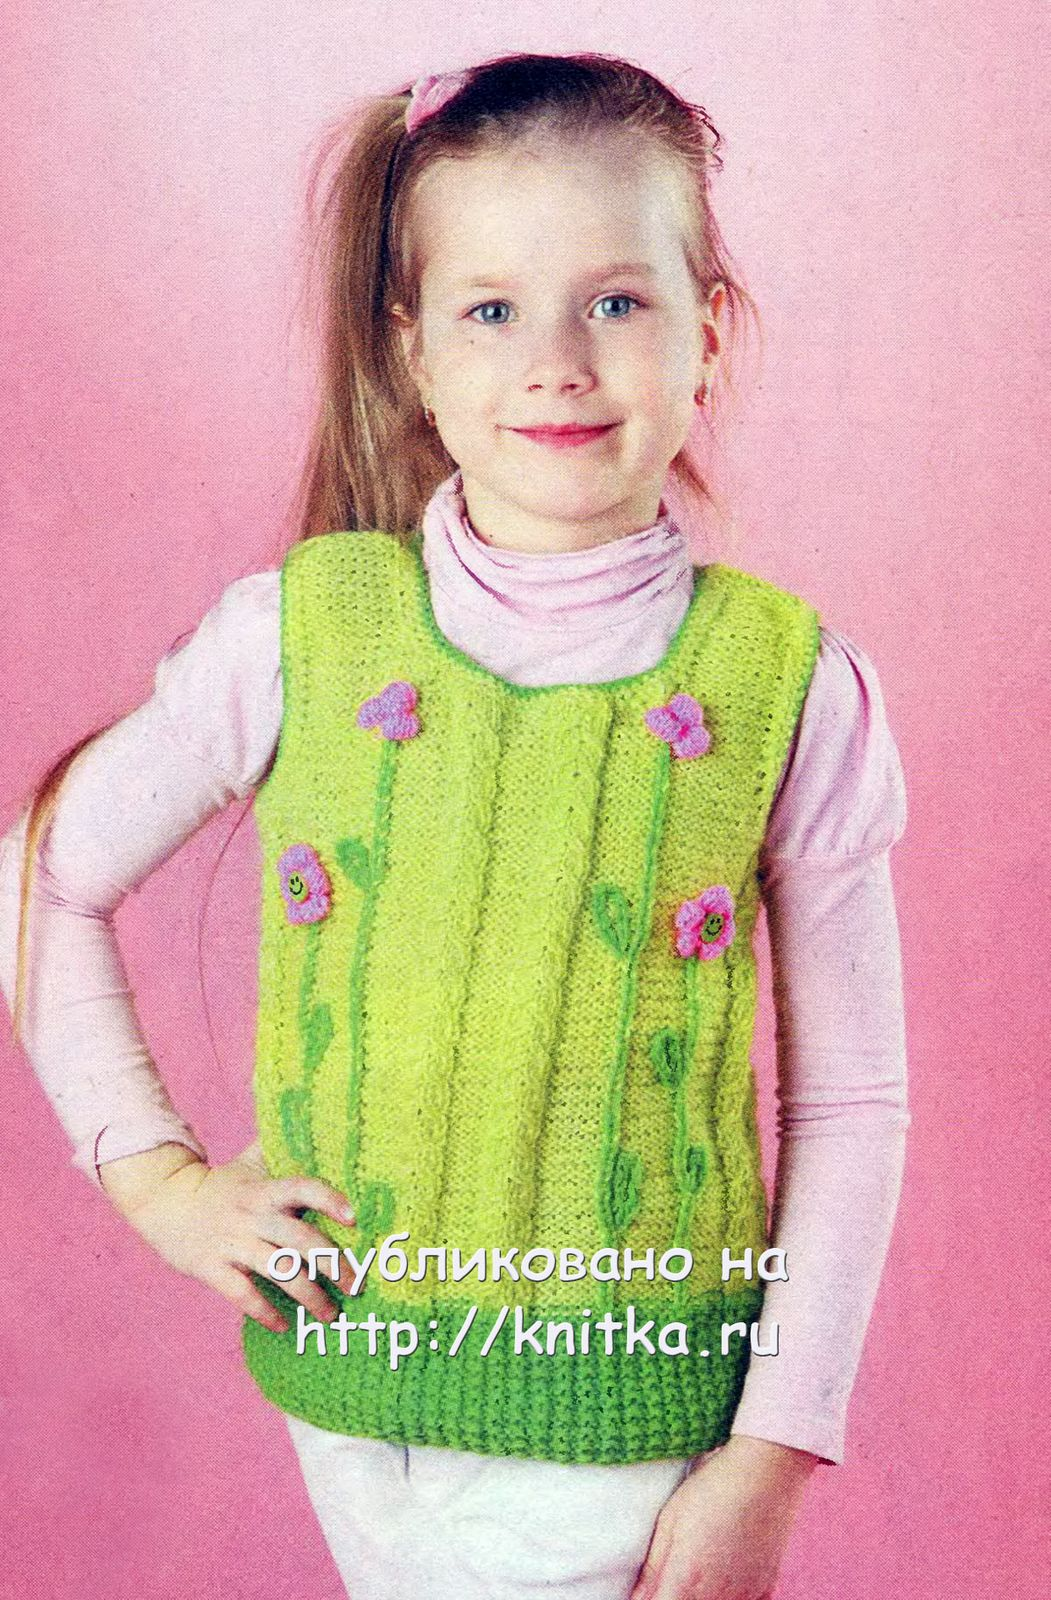 зеленый жилет для девочки с цветами вязание для детей